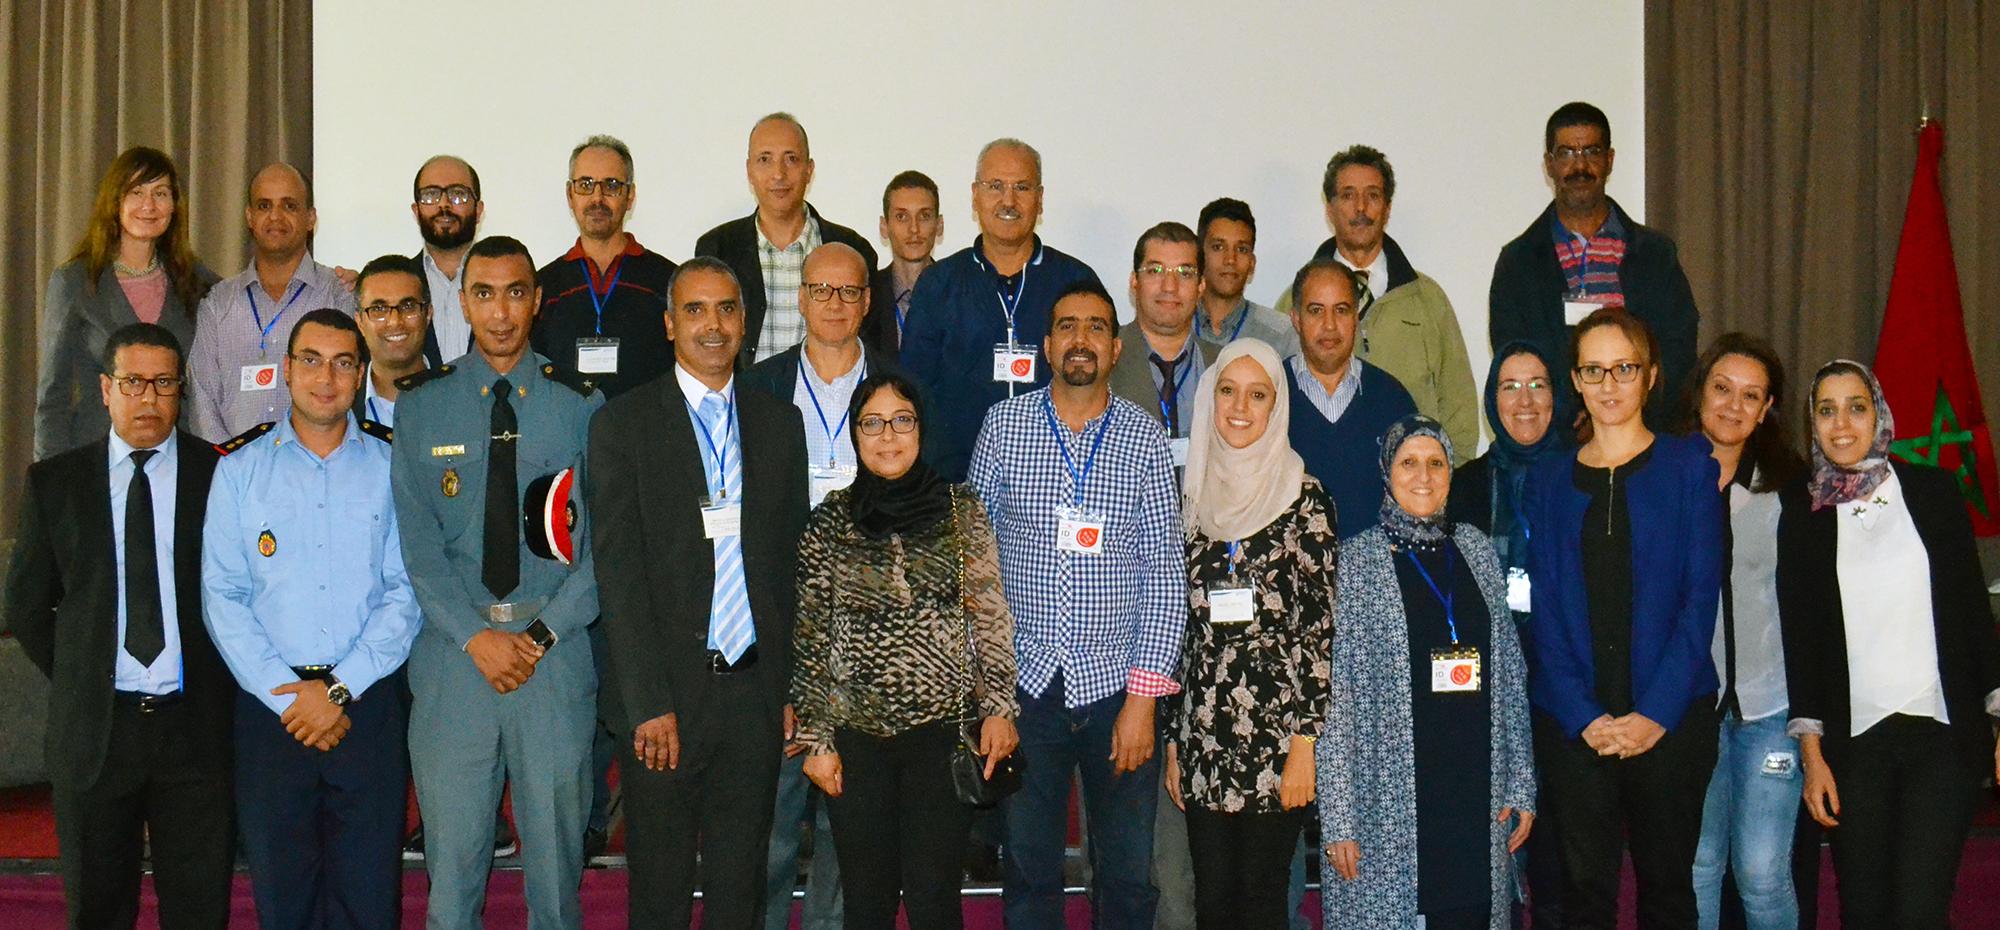 20-19 أكتوبر 2017، طنجة، المغرب – تدريب على تعزيز الإدارة الشاطئية التشاركية للحد من النفايات البحرية لمشروع آلية دعم الإدارة المستدامة والمتكاملة للمياه ومشروع آفاق 2020